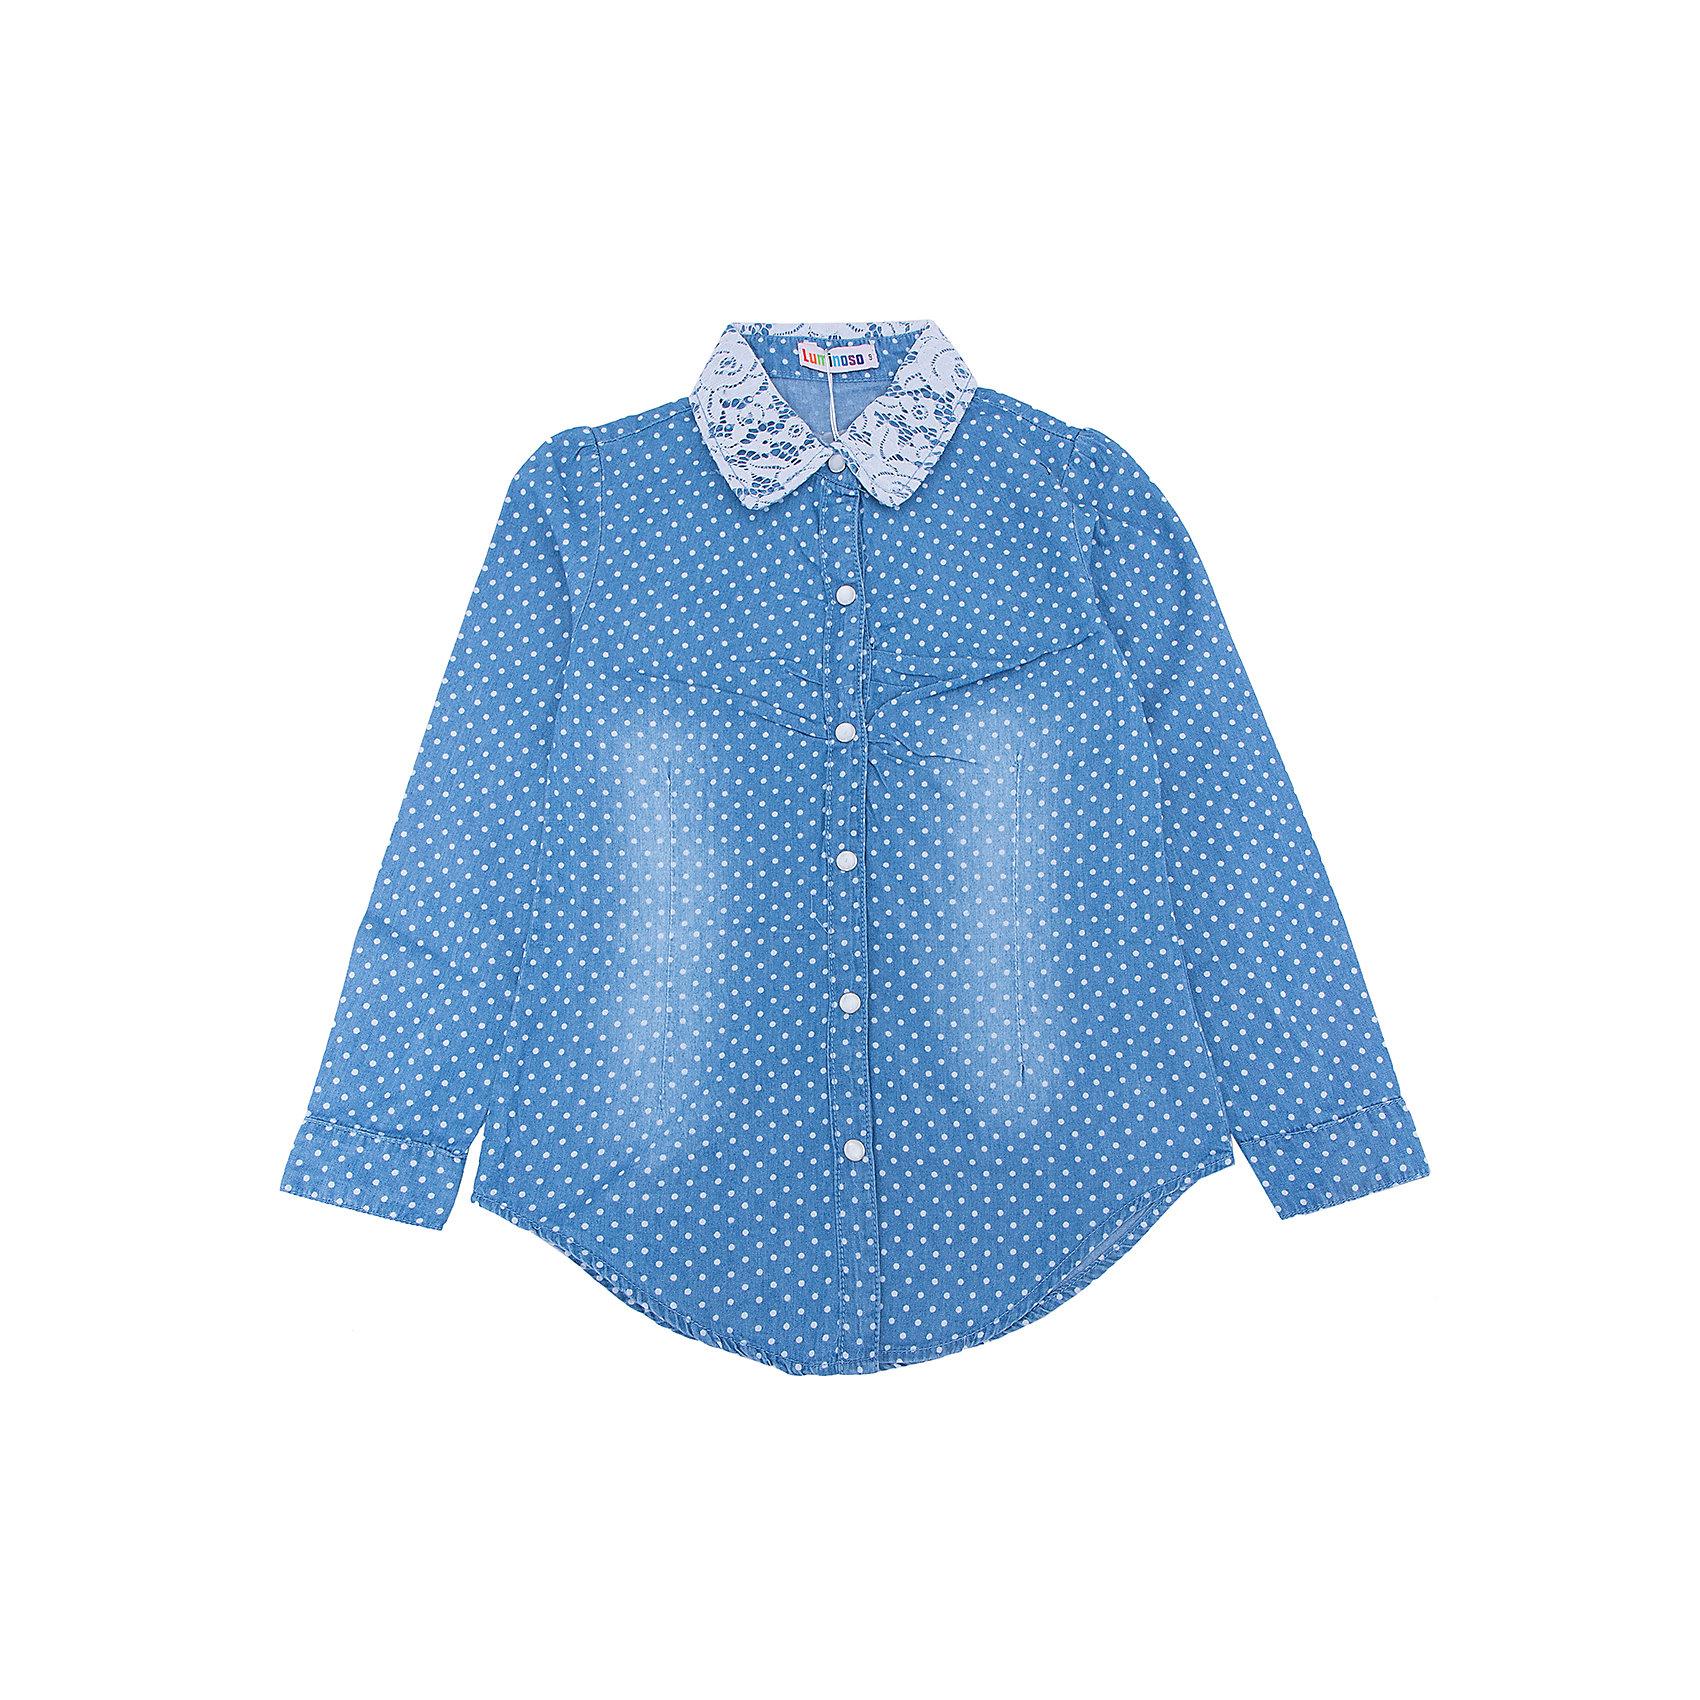 Рубашка для девочки LuminosoХарактеристики товара:<br><br>- цвет: голубой;<br>- материал: 100% хлопок;<br>- ворот - декорирован кружевом;<br>- длинный рукав;<br>- застежки кнопки.<br><br>Стильная одежда от бренда Luminoso (Люминосо), созданная при участии итальянских дизайнеров, учитывает потребности подростков и последние веяния моды. Она удобная и модная.<br>Эта хлопковая рубашка выглядит стильно и нарядно, но при этом подходит для ежедневного ношения. Он хорошо сидит на ребенке, обеспечивает комфорт и отлично сочетается с одежной разных стилей. Модель отличается высоким качеством материала и продуманным дизайном. Натуральный хлопок в составе изделия делает его дышащим, приятным на ощупь и гипоаллергеным.<br><br>Рубашку для девочки от бренда Luminoso (Люминосо) можно купить в нашем интернет-магазине.<br><br>Ширина мм: 174<br>Глубина мм: 10<br>Высота мм: 169<br>Вес г: 157<br>Цвет: голубой<br>Возраст от месяцев: 156<br>Возраст до месяцев: 168<br>Пол: Женский<br>Возраст: Детский<br>Размер: 164,134,140,146,152,158<br>SKU: 4929549